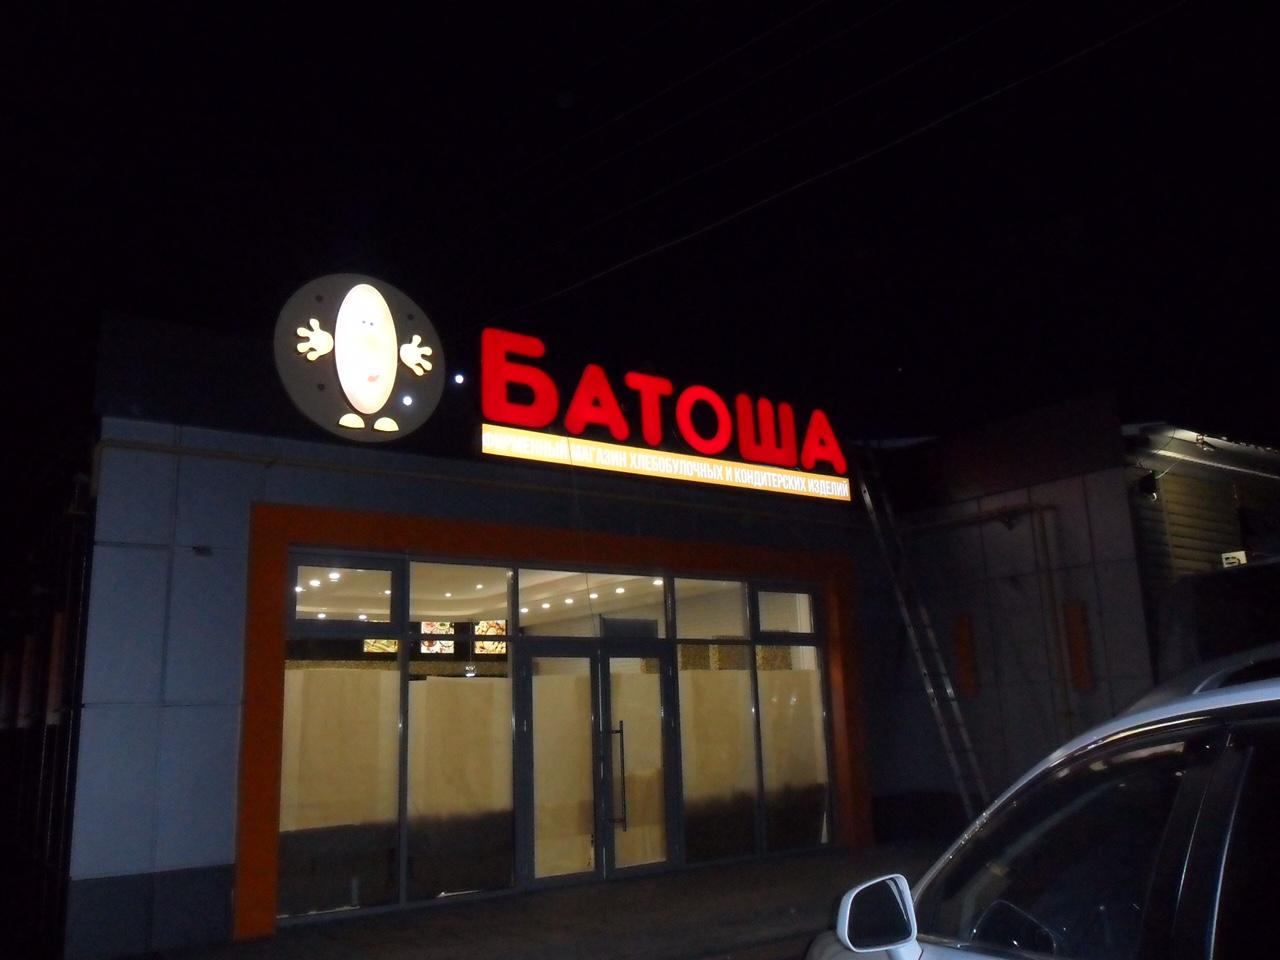 Вывеска, объемные буквы Батоша ночь